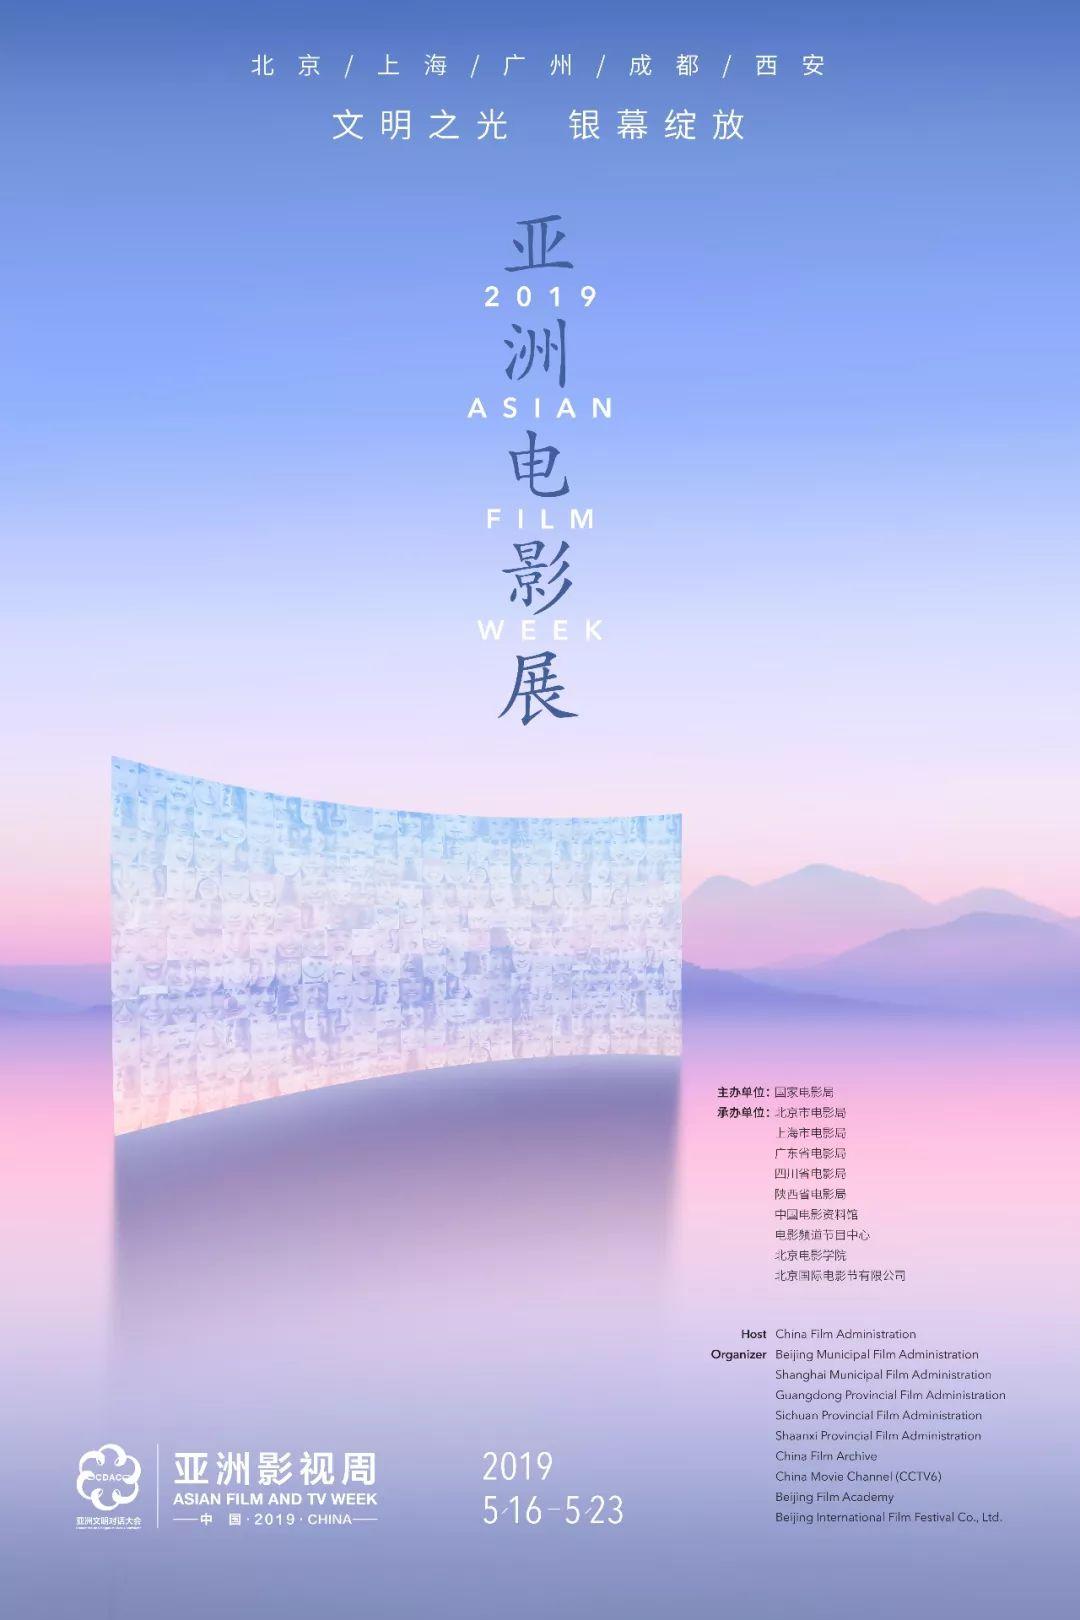 2019亚洲电影展 | 60余部影片看亚洲经典和影展之最